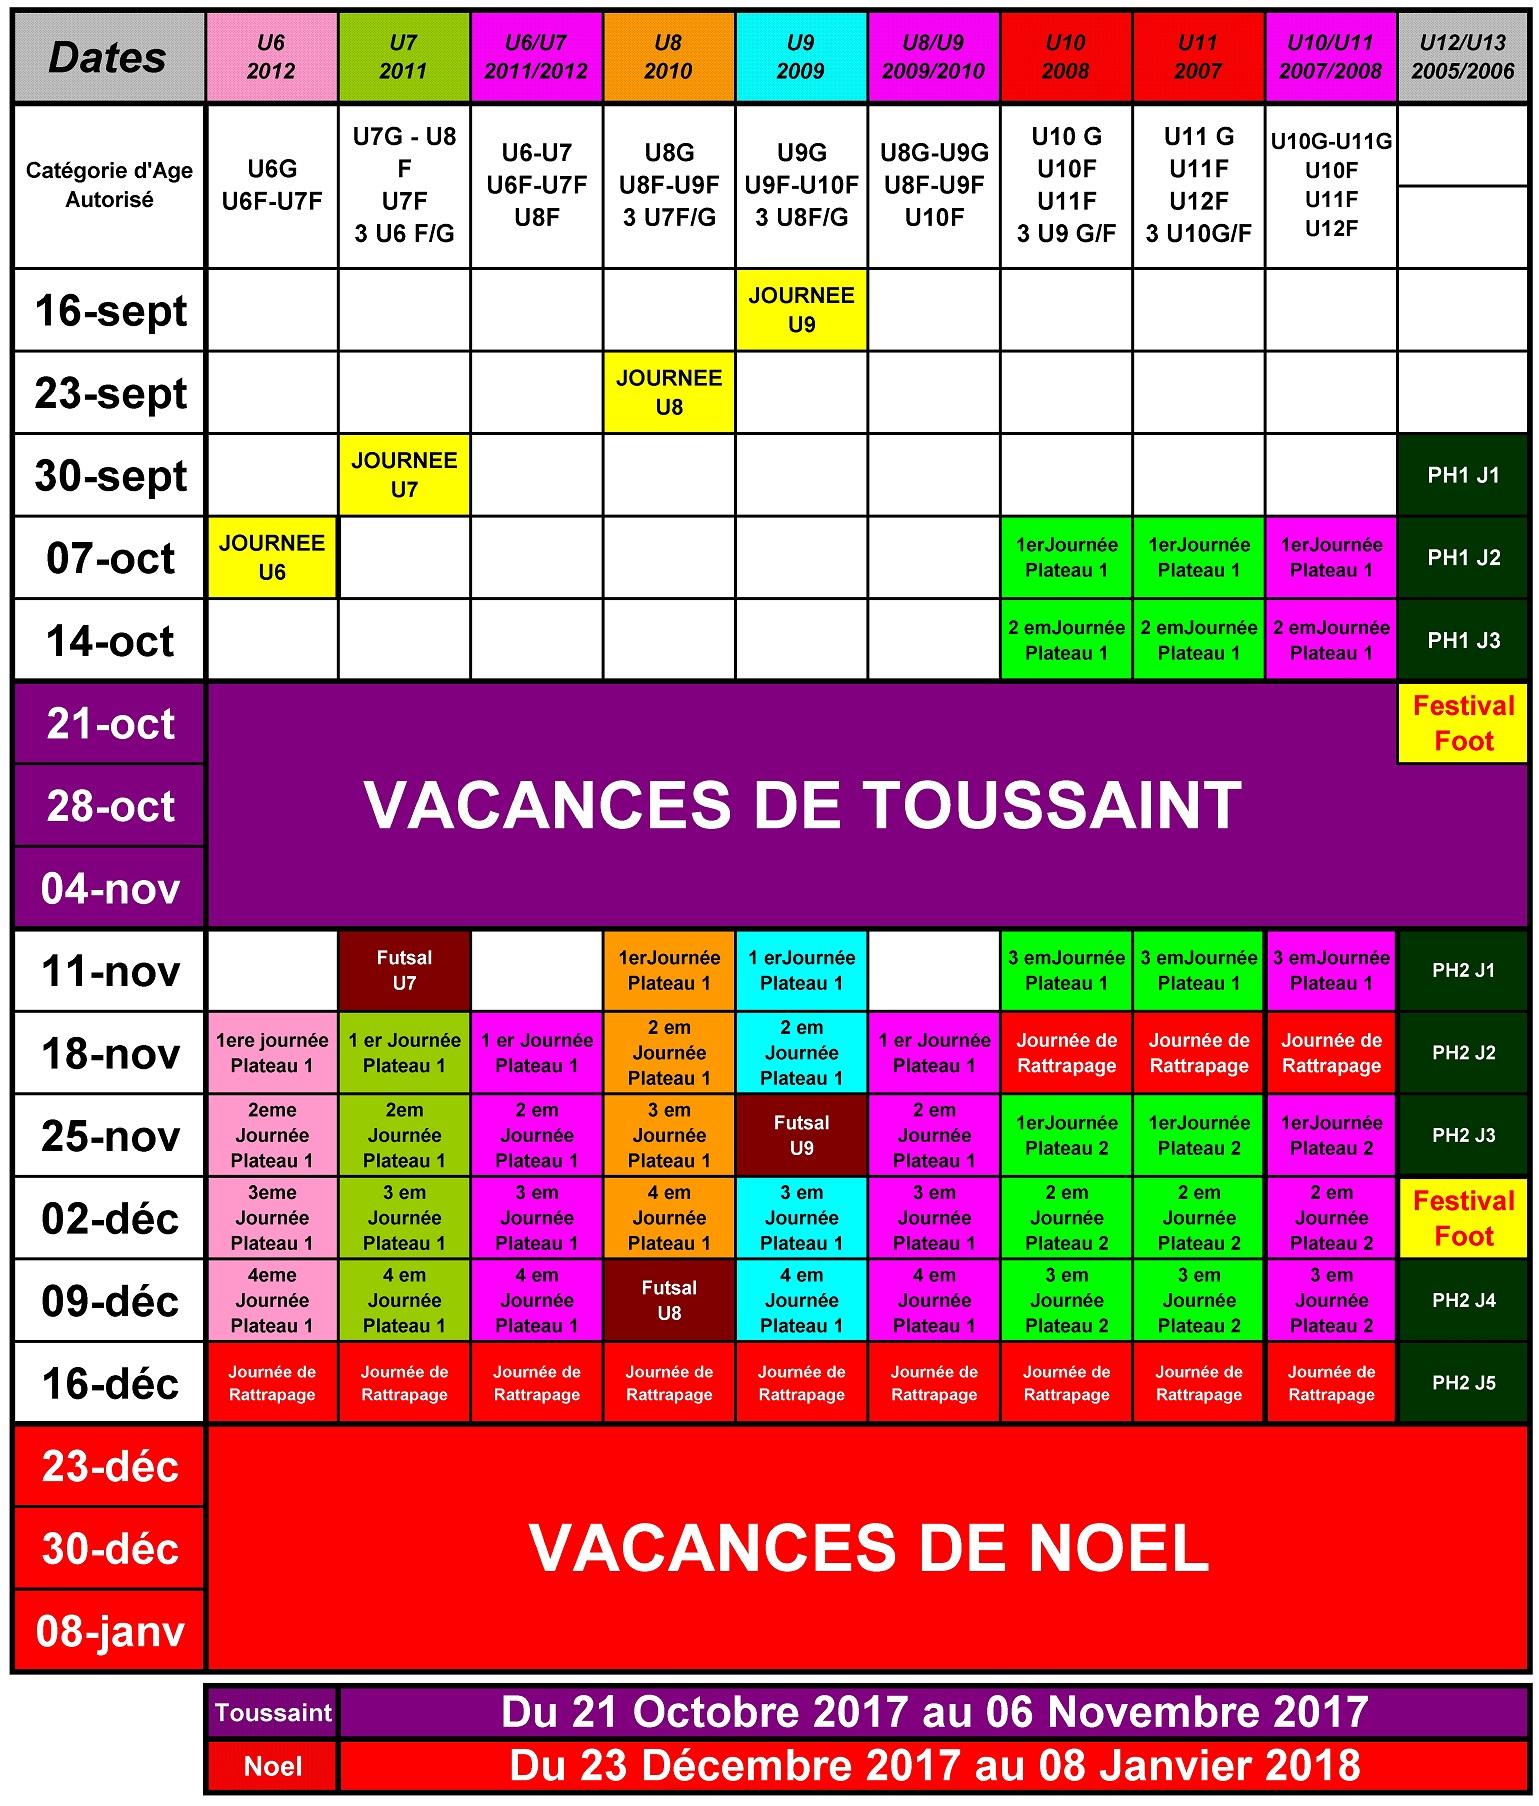 Actualité - Planning Annuel 2017/2018 Des Jeunes - Club concernant Planning Annuel 2018